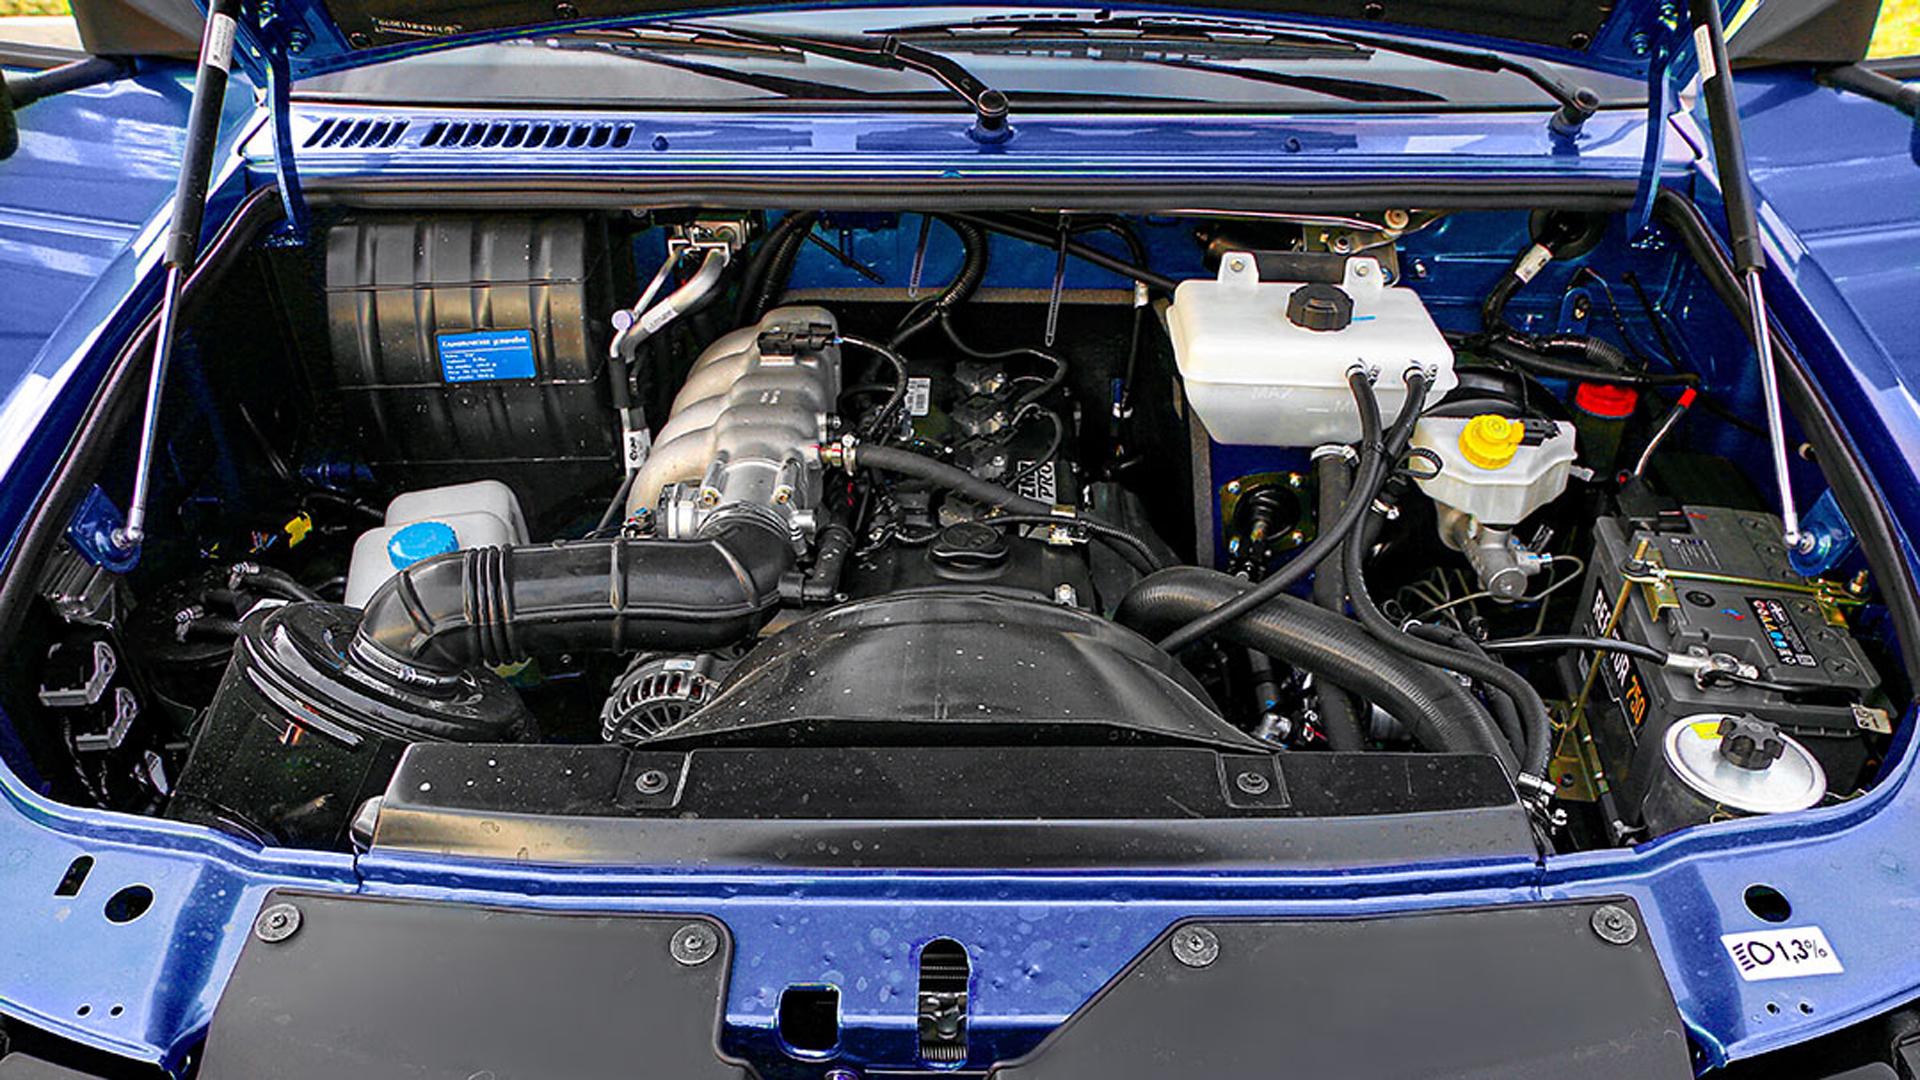 УАЗ Патриот модернизированный мотор ZMZ PRO